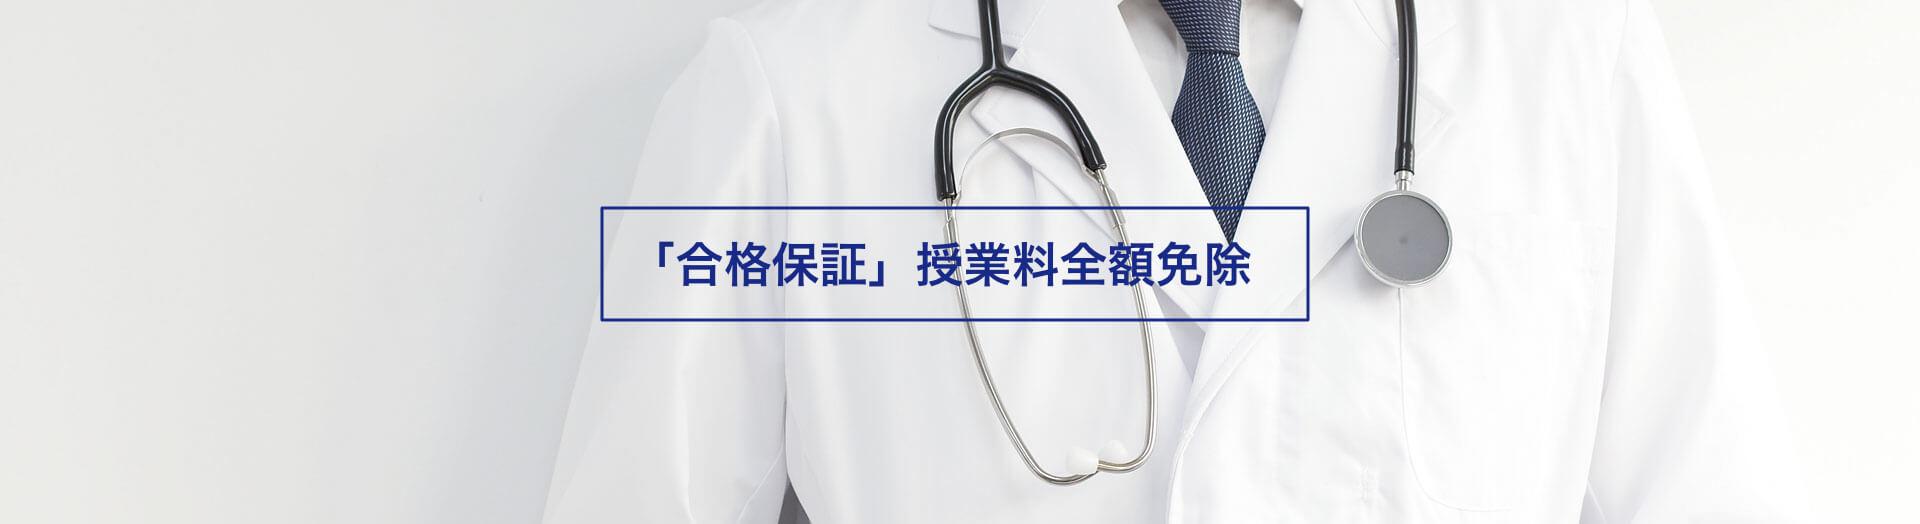 医学部合格保証